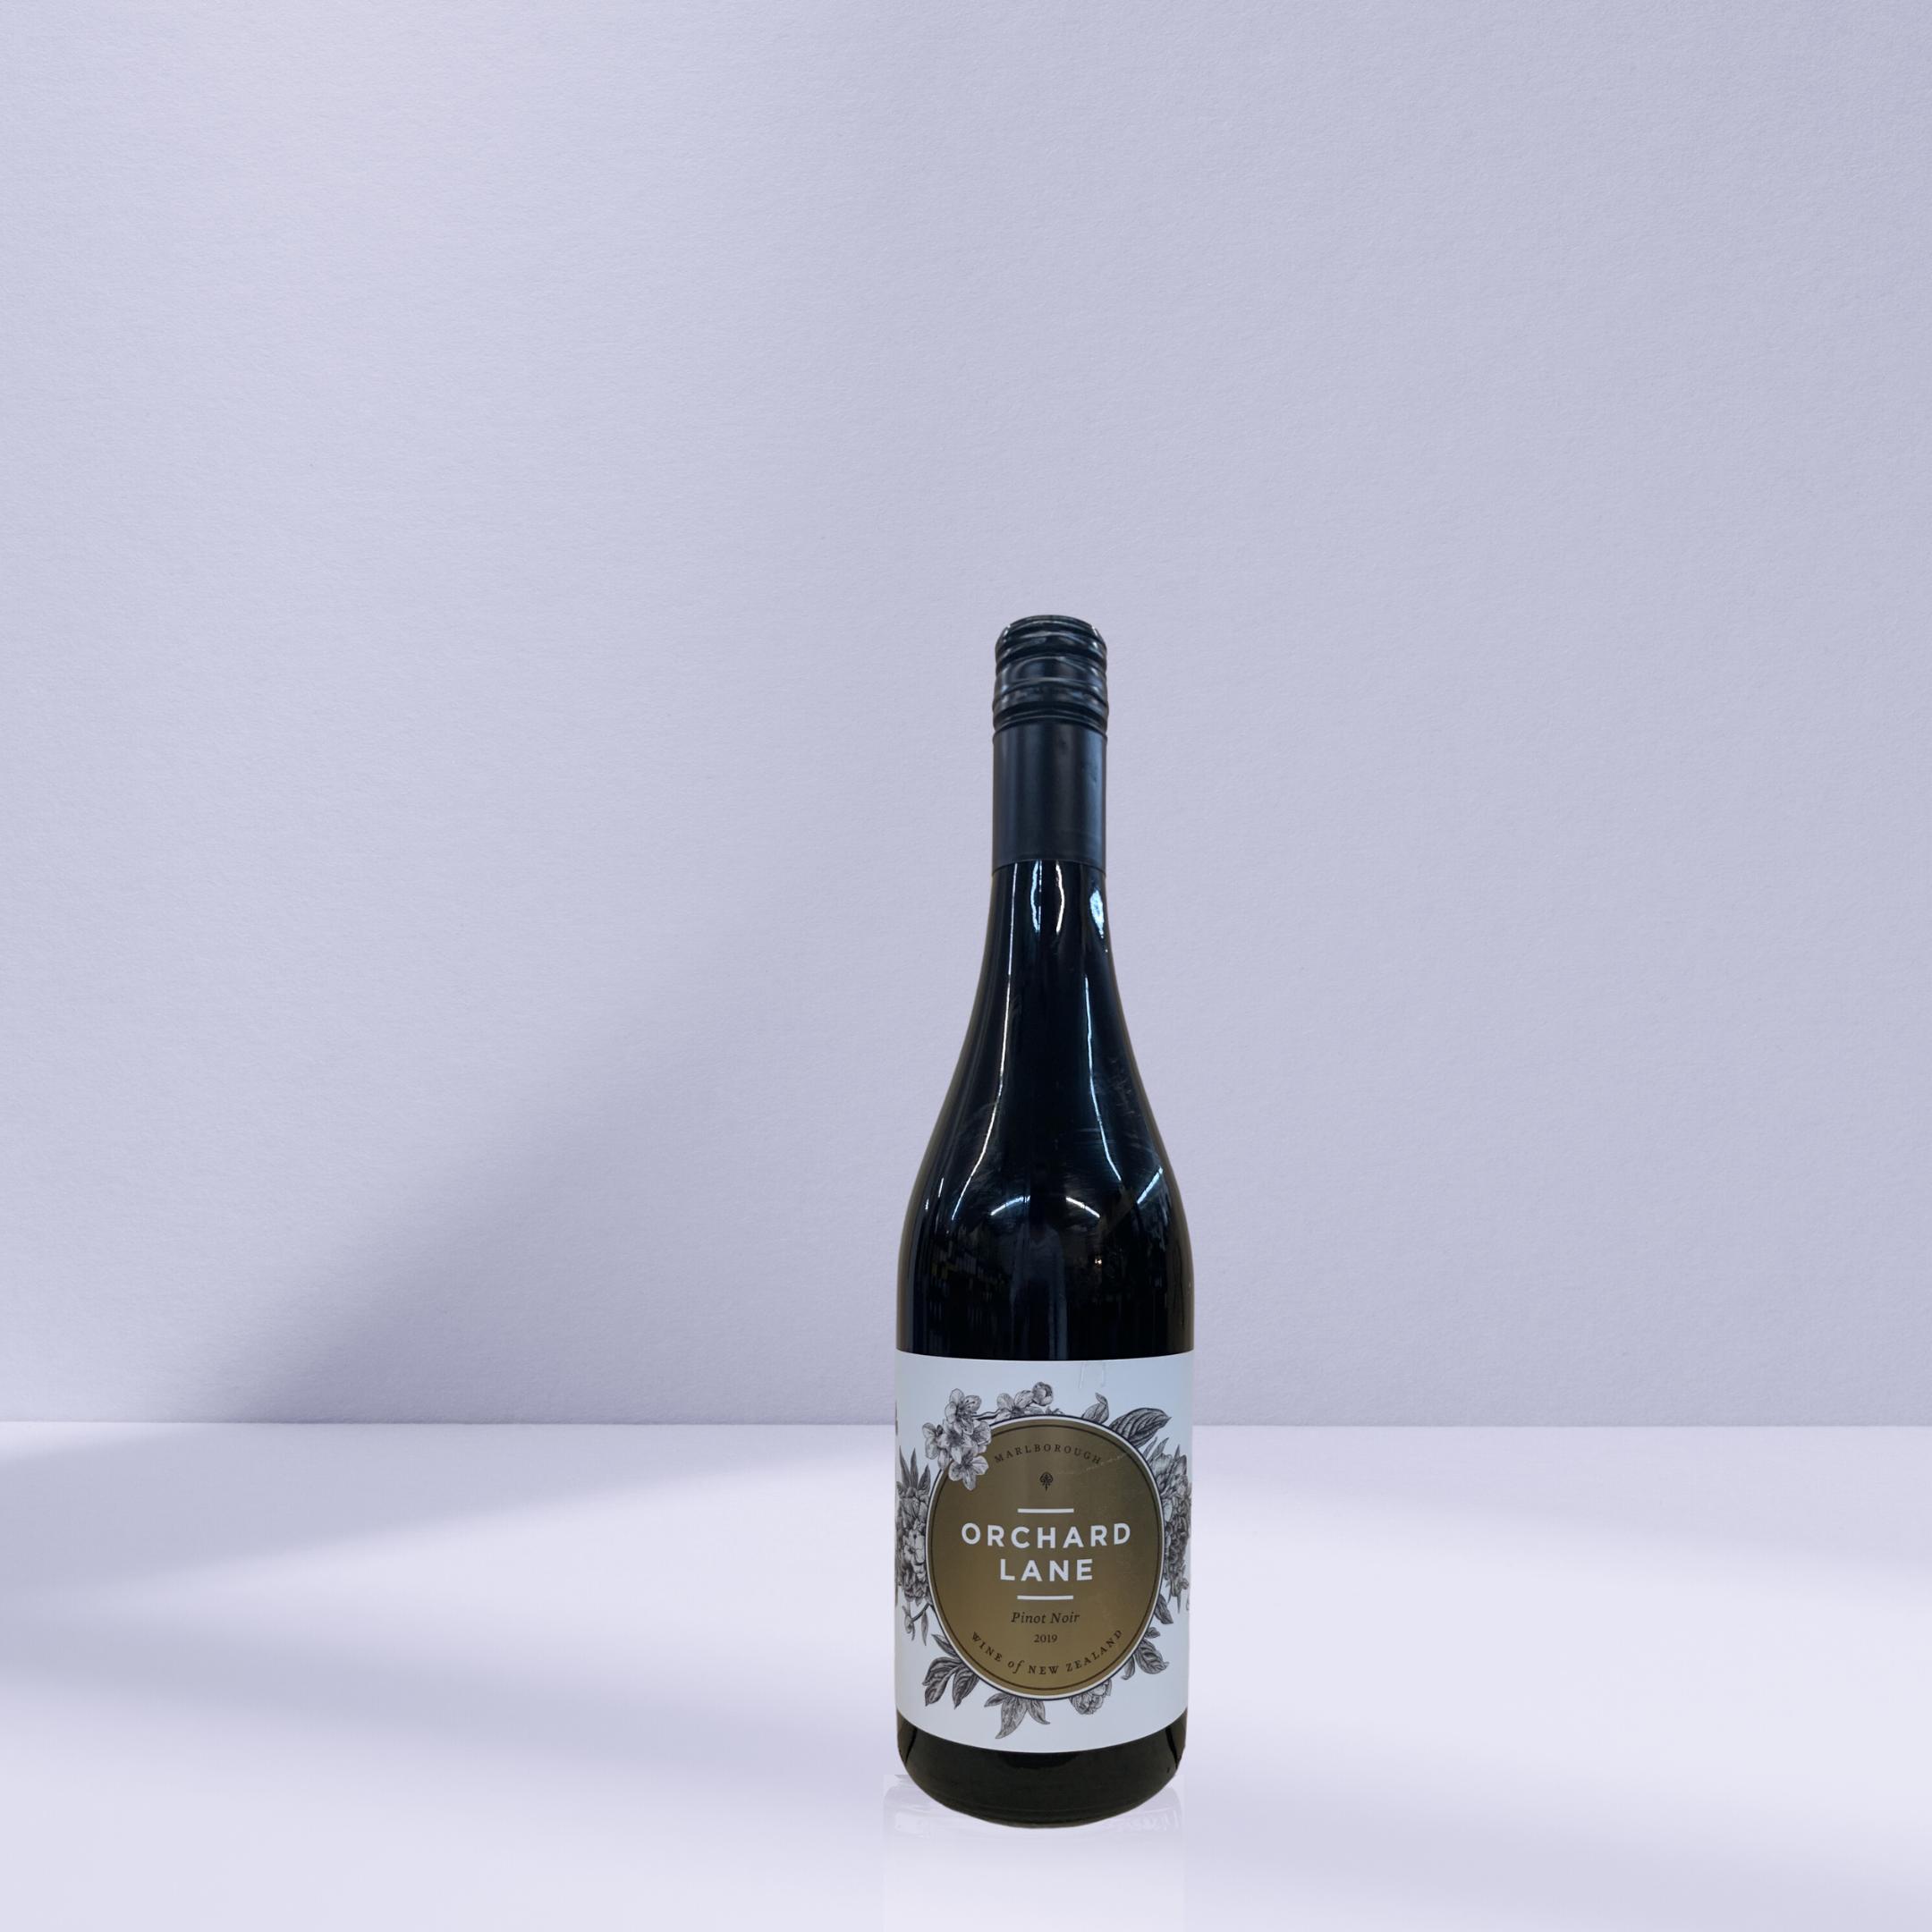 Orchard Lane Pinot Noir